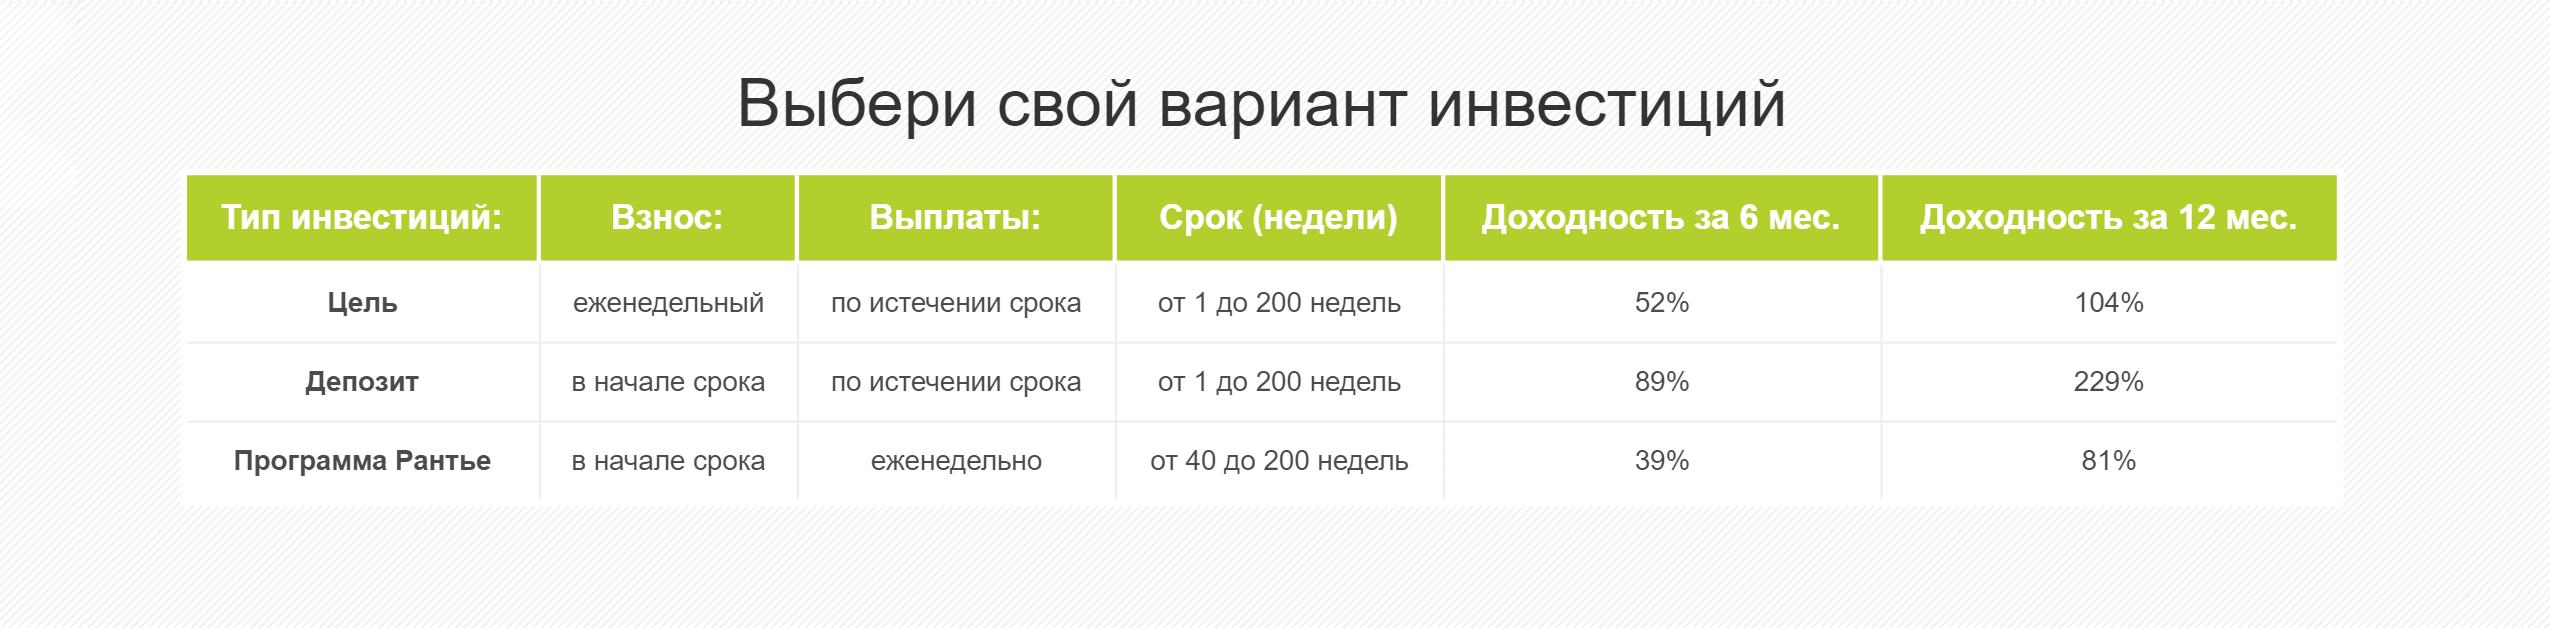 Если верить таблице, доходность программы «Цель» — 104% годовых